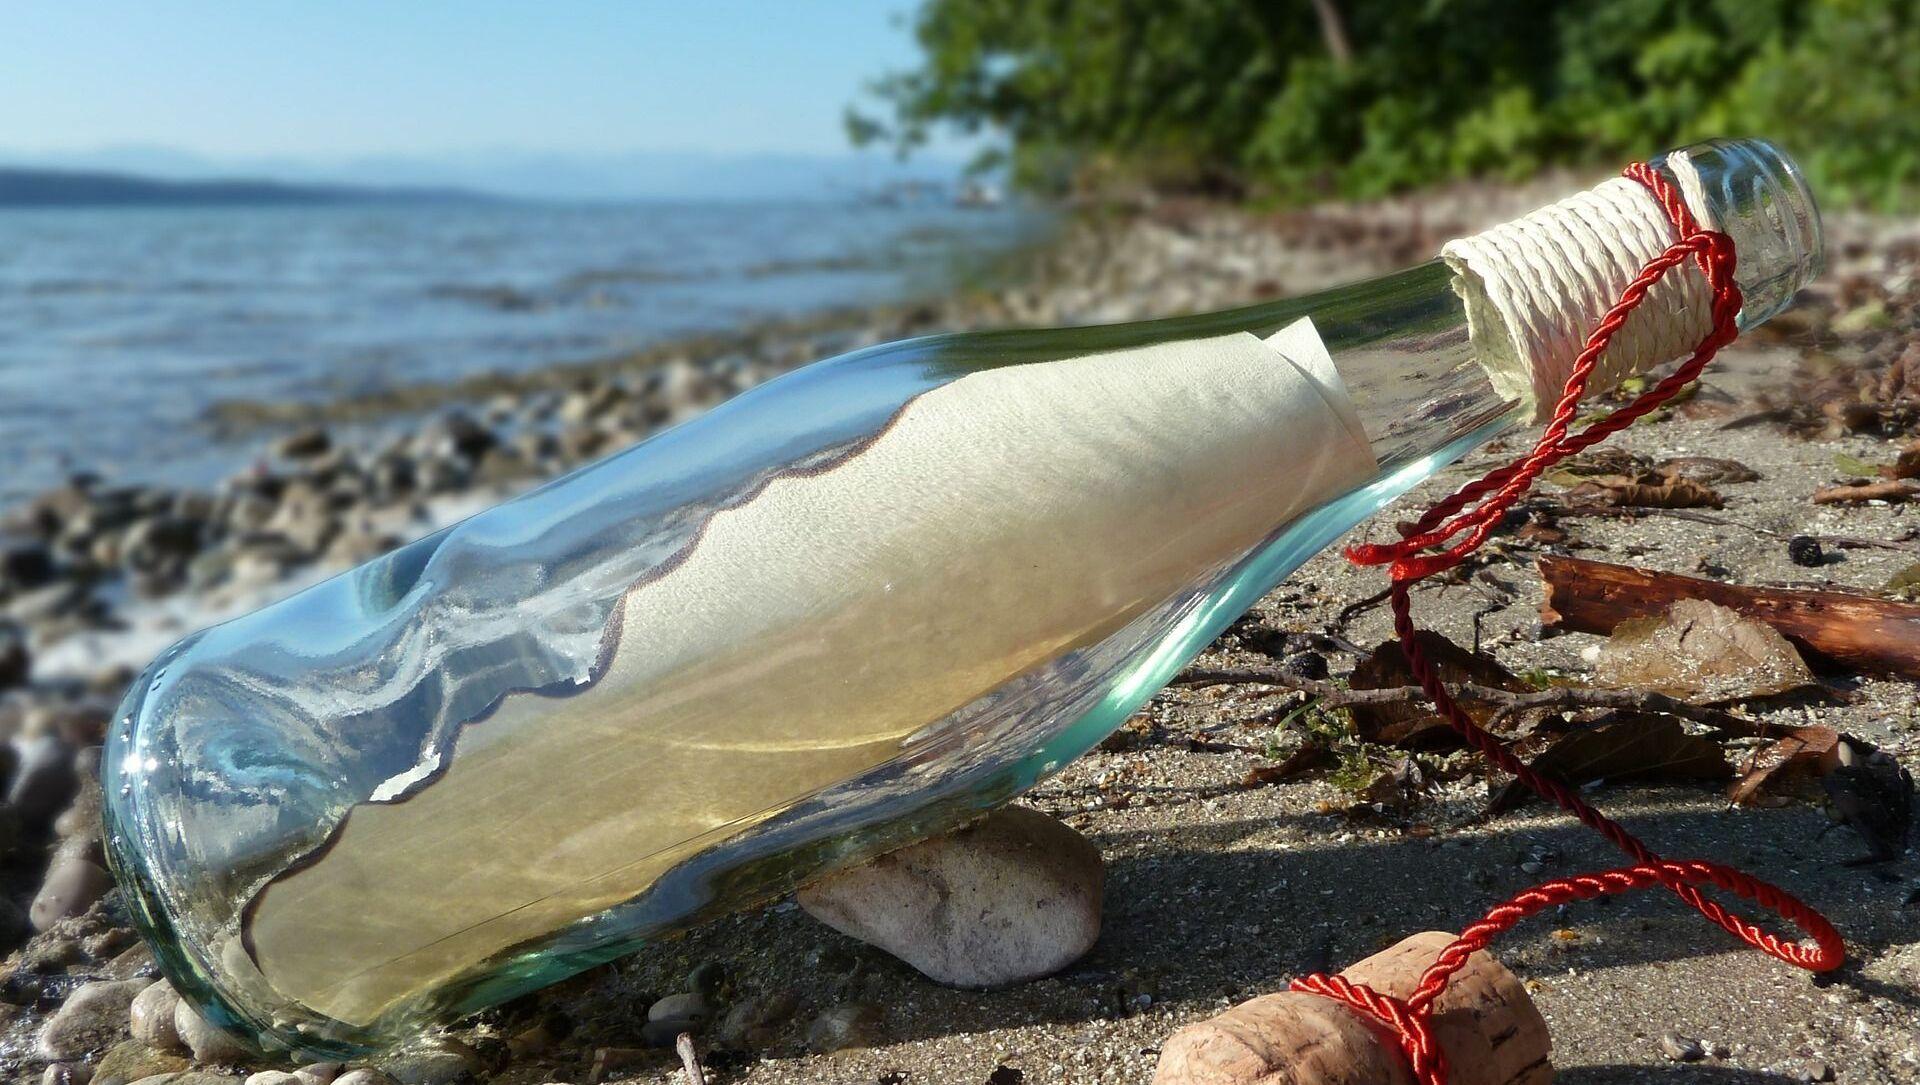 Бутылка с посланием, выброшенная на берег - Sputnik Việt Nam, 1920, 02.04.2021